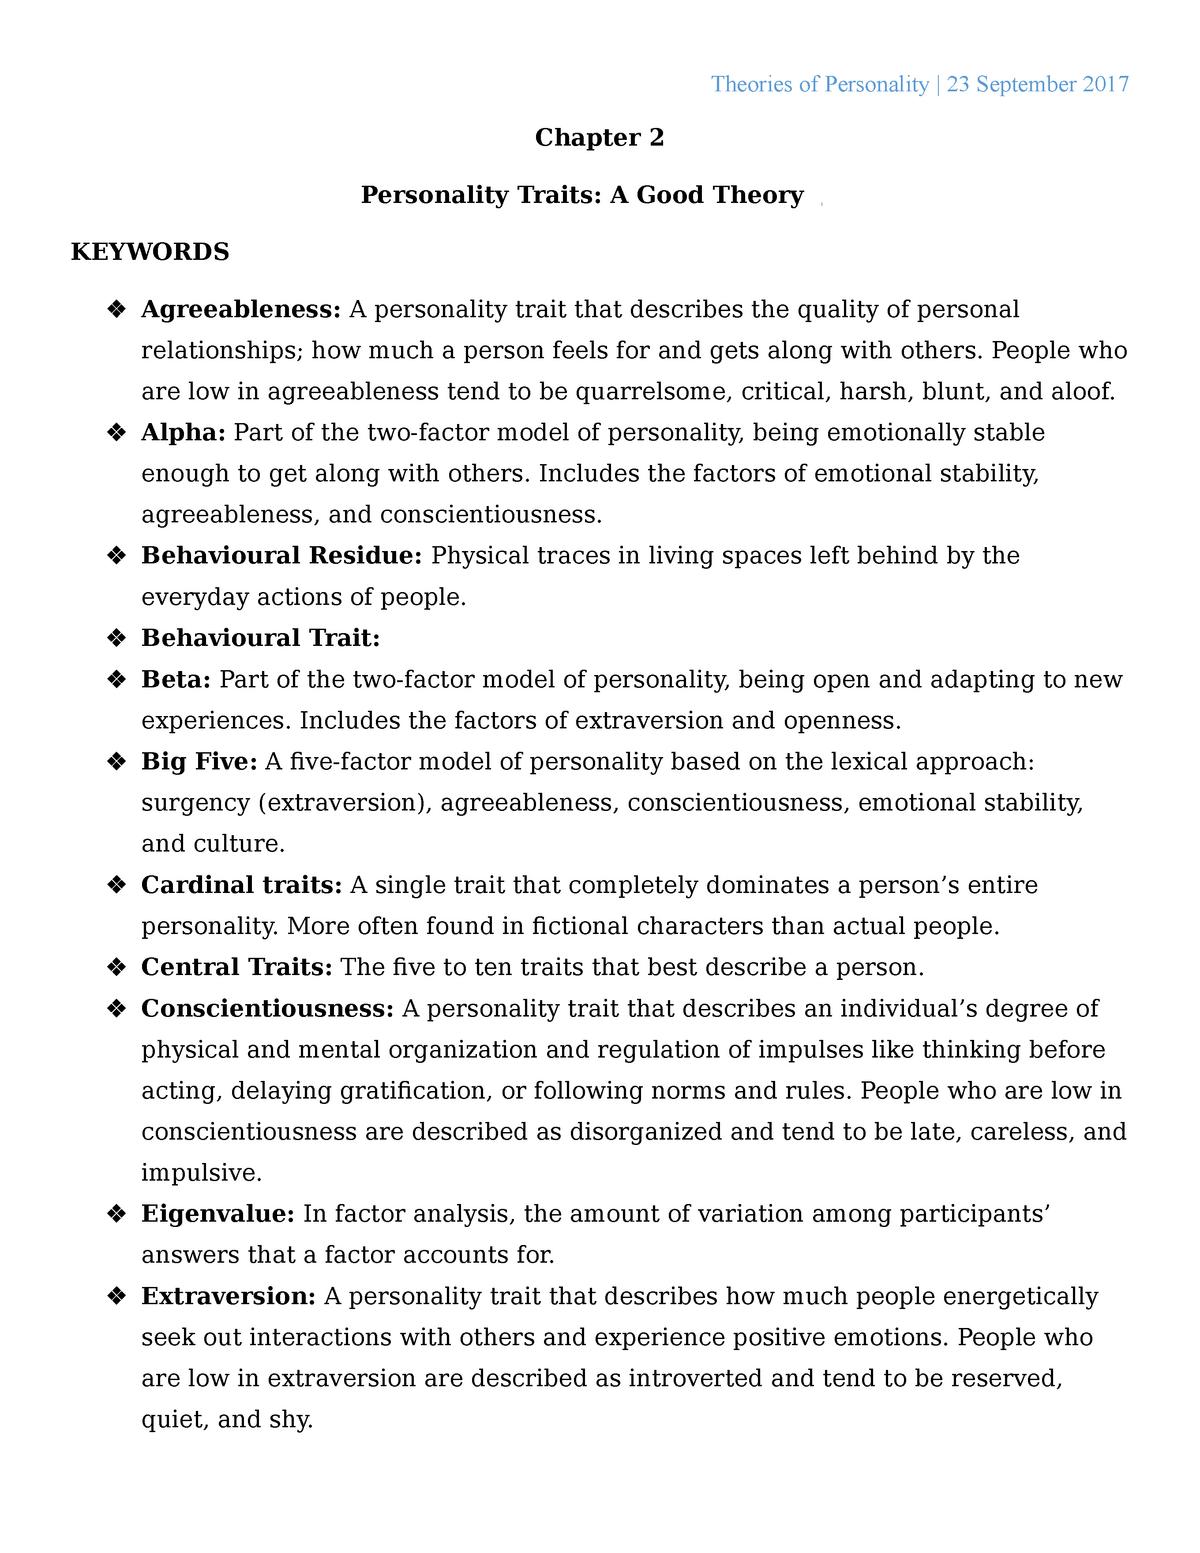 Big five extraversion questionnaire